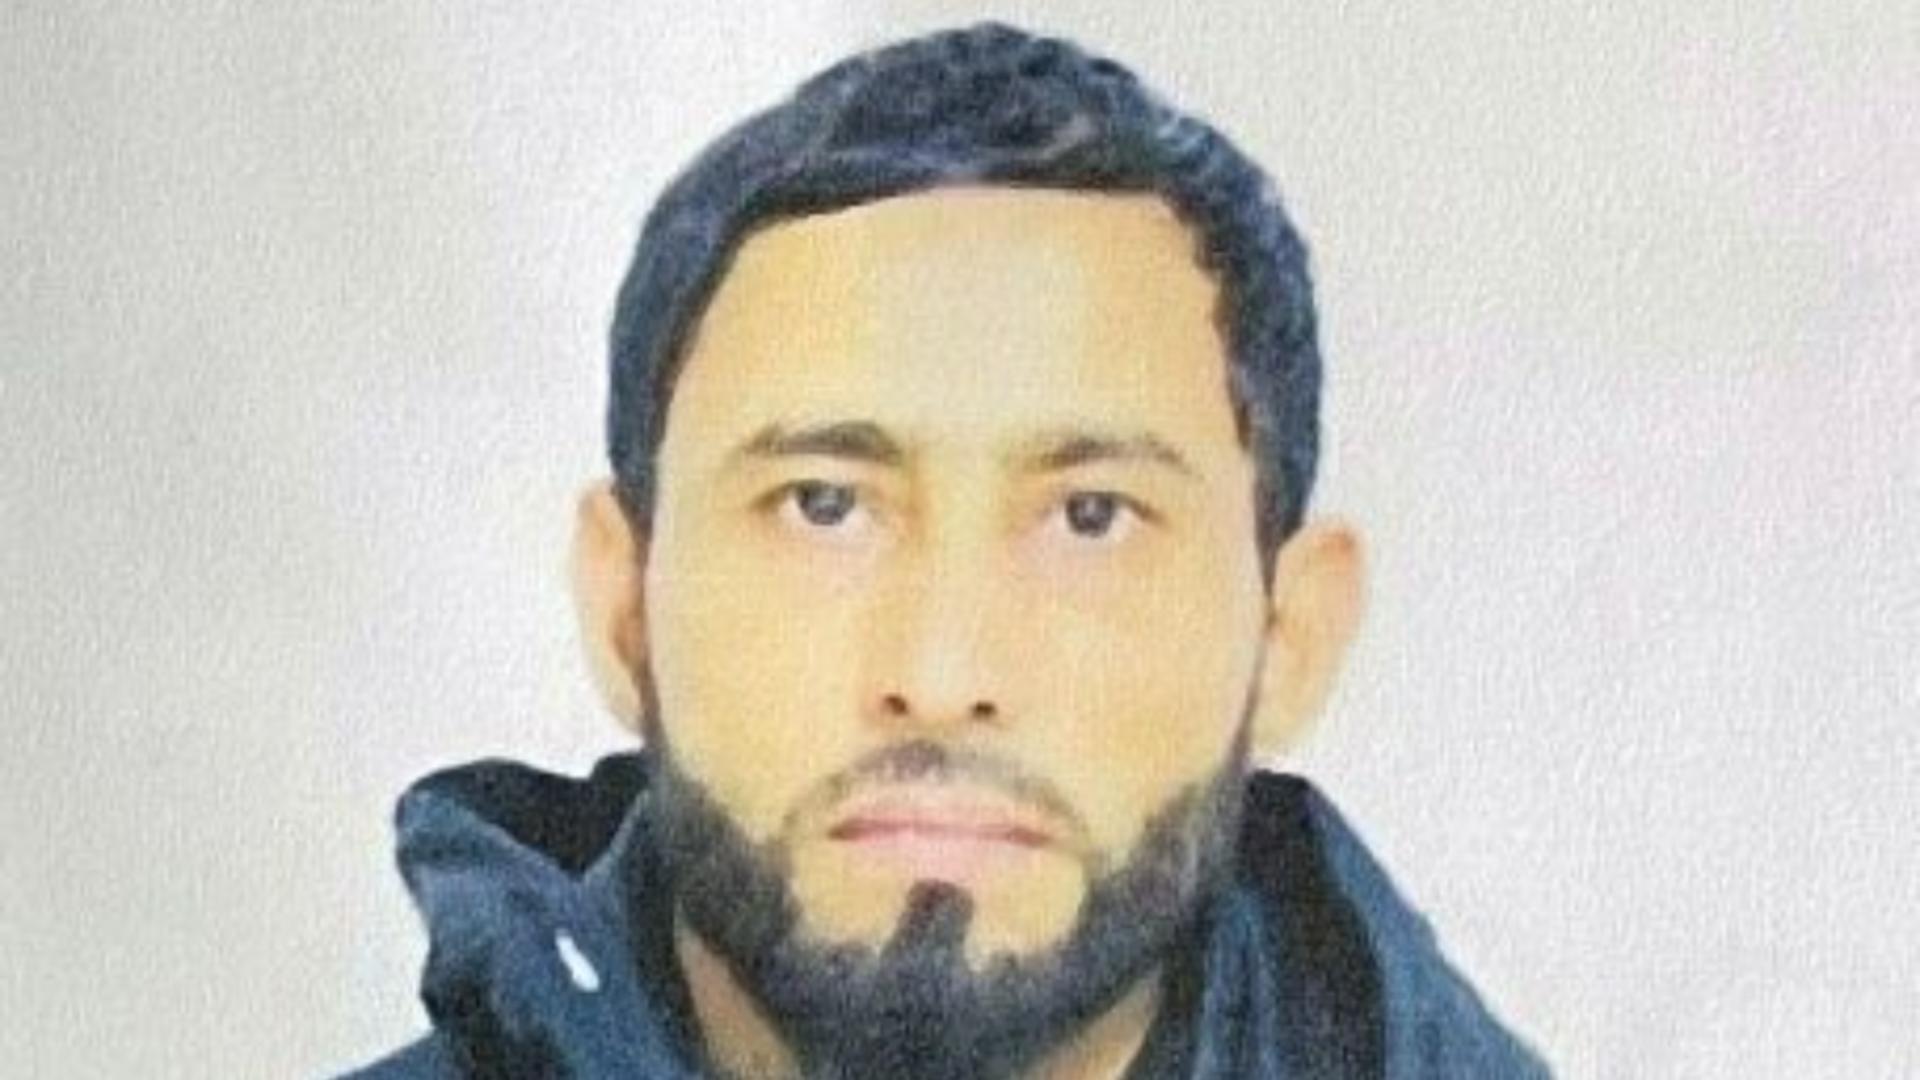 Criminal afgan dat în urmărire